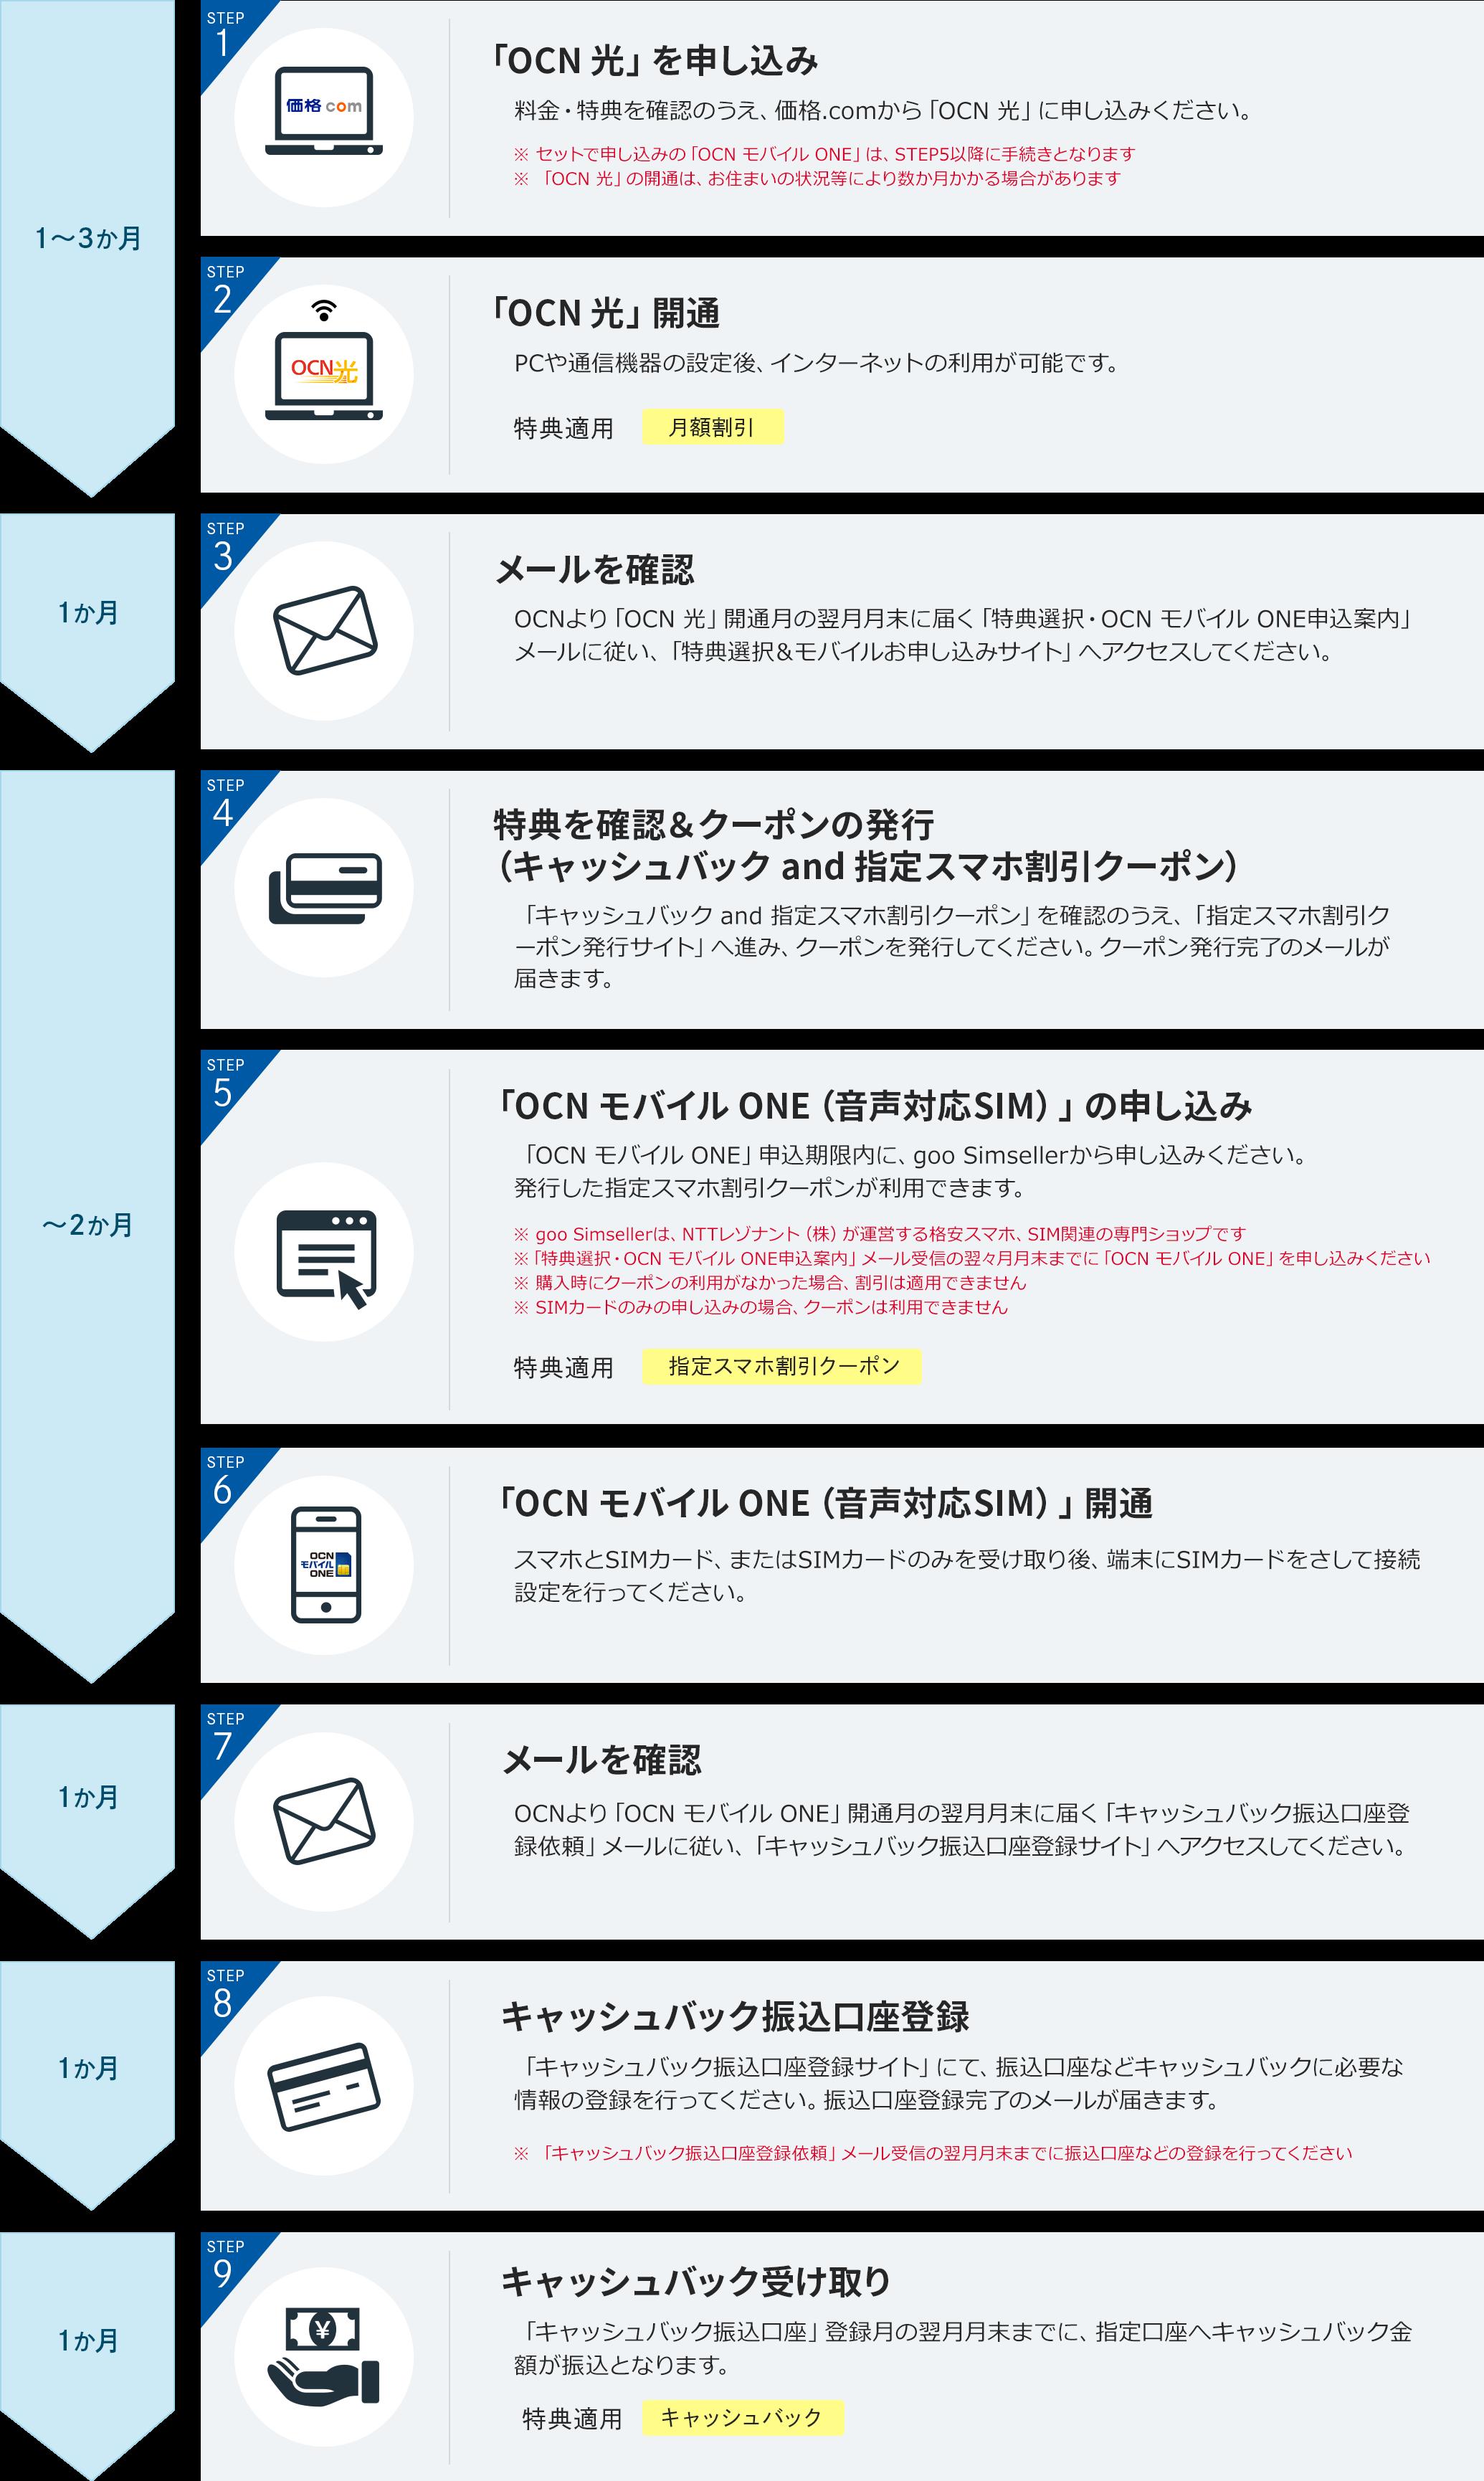 「OCN 光」と「OCN モバイル ONE」をセットで申し込み